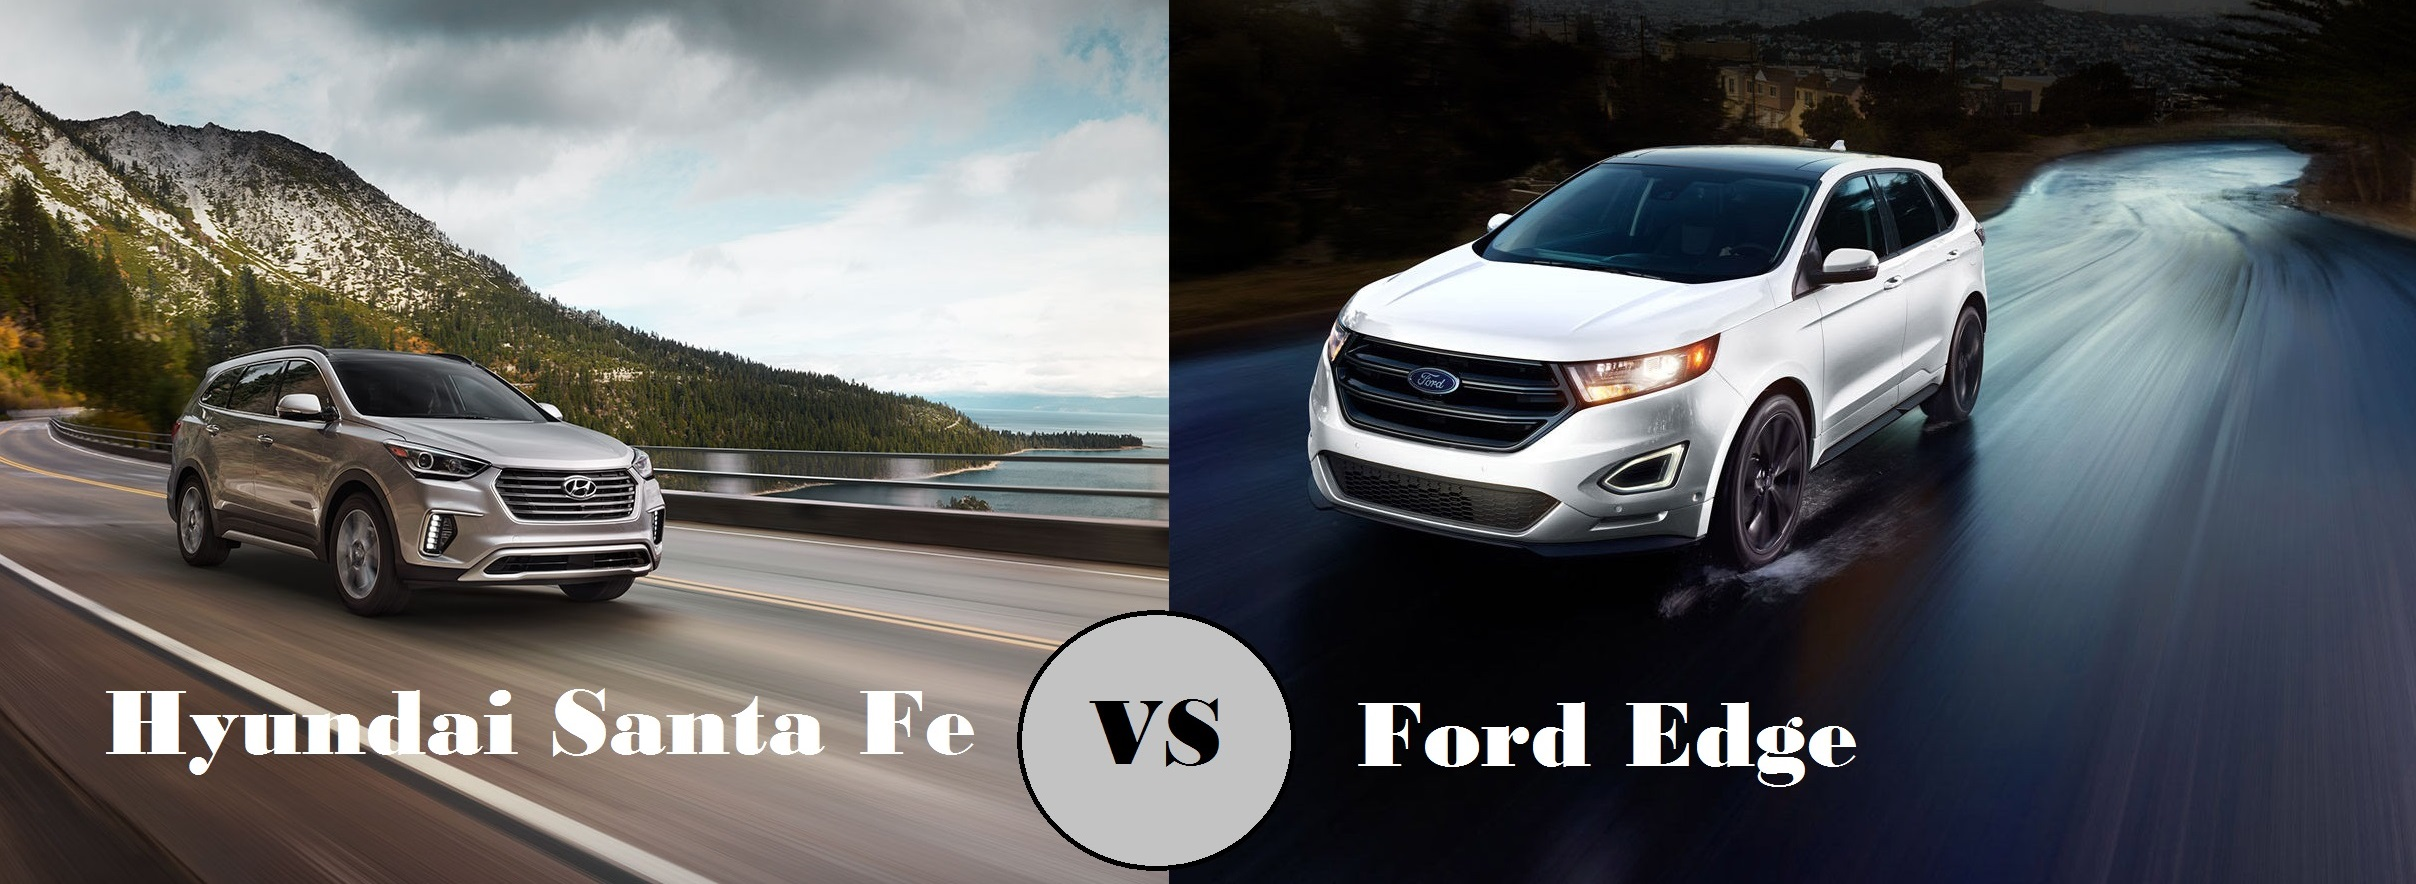 2017 Hyundai Santa Fe vs 2017 Ford Edge Tuscaloosa Hyundai